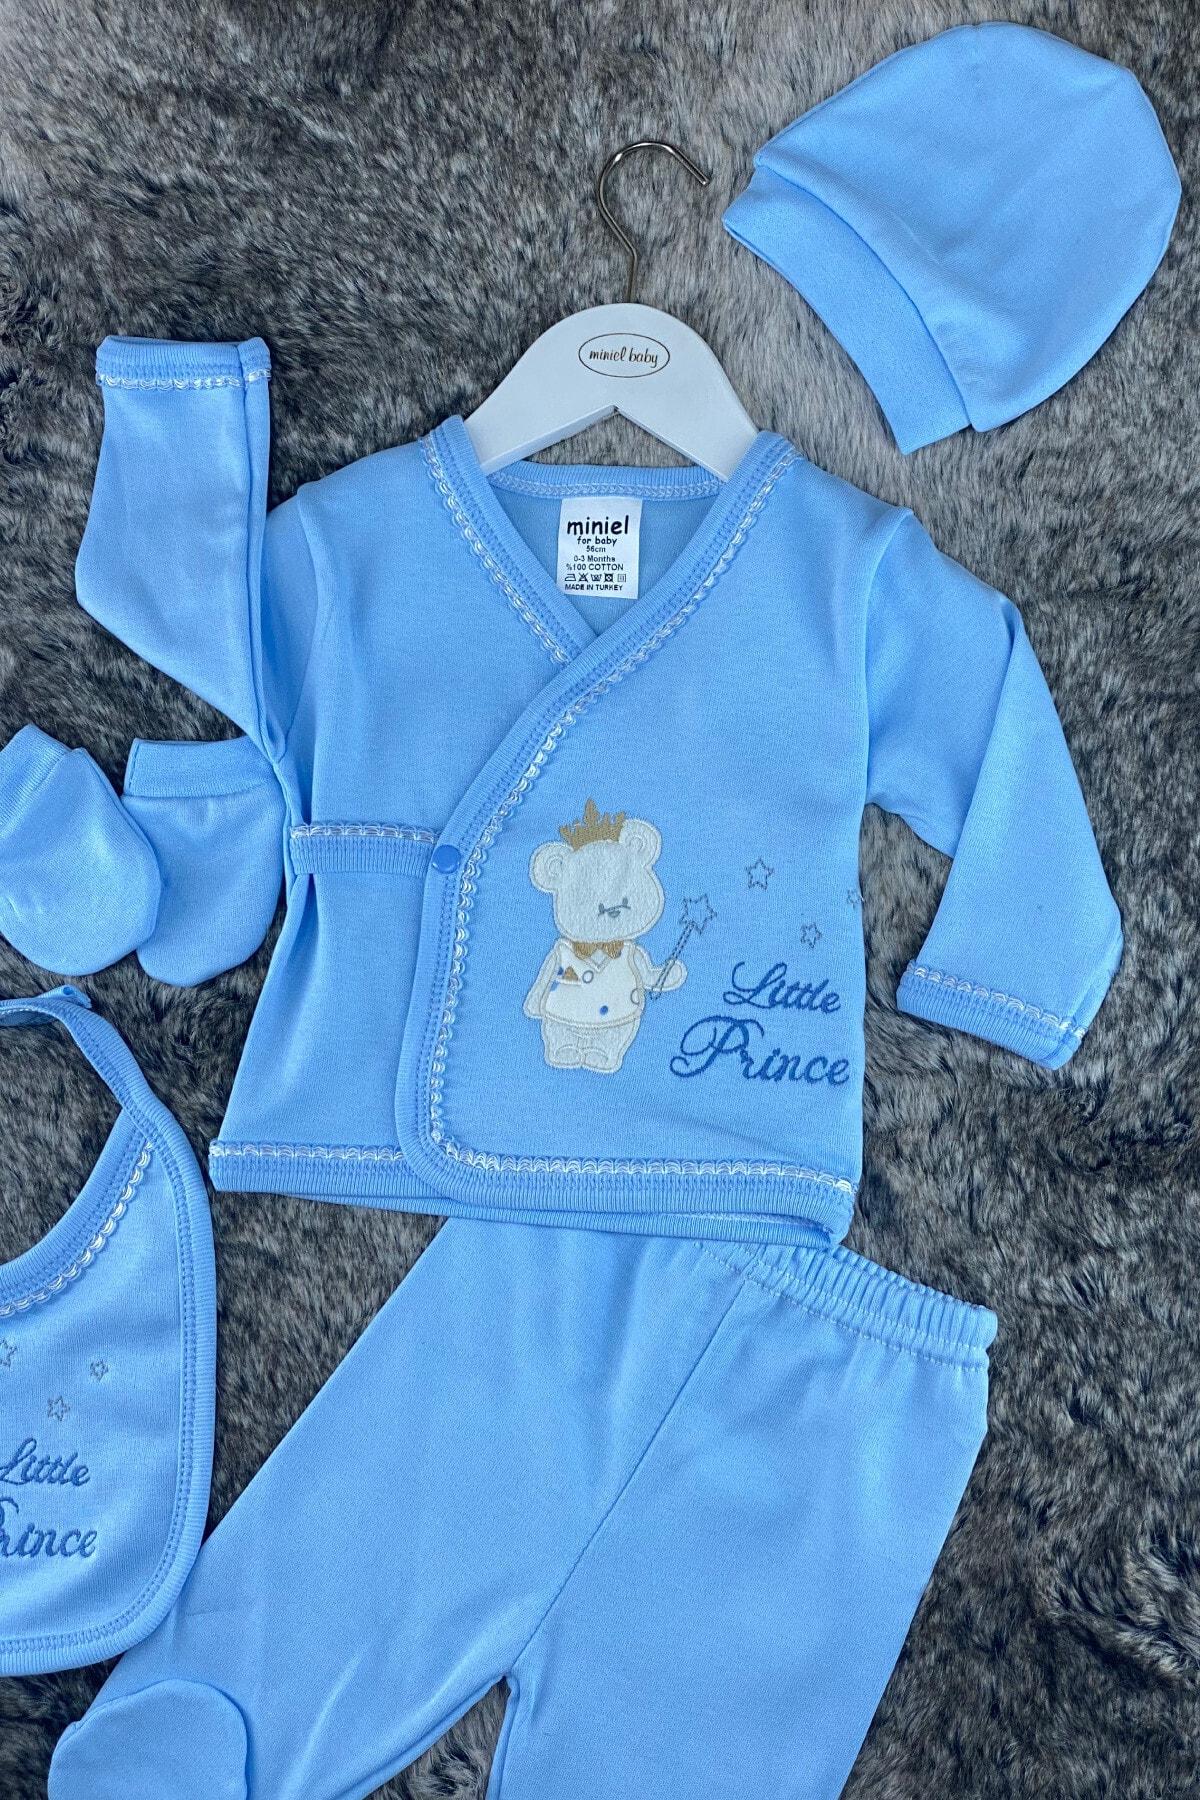 Miniel Erkek Bebek Mavi Prens Ayıcıklı 5'li Hastane Çıkışı Zıbın Seti 2